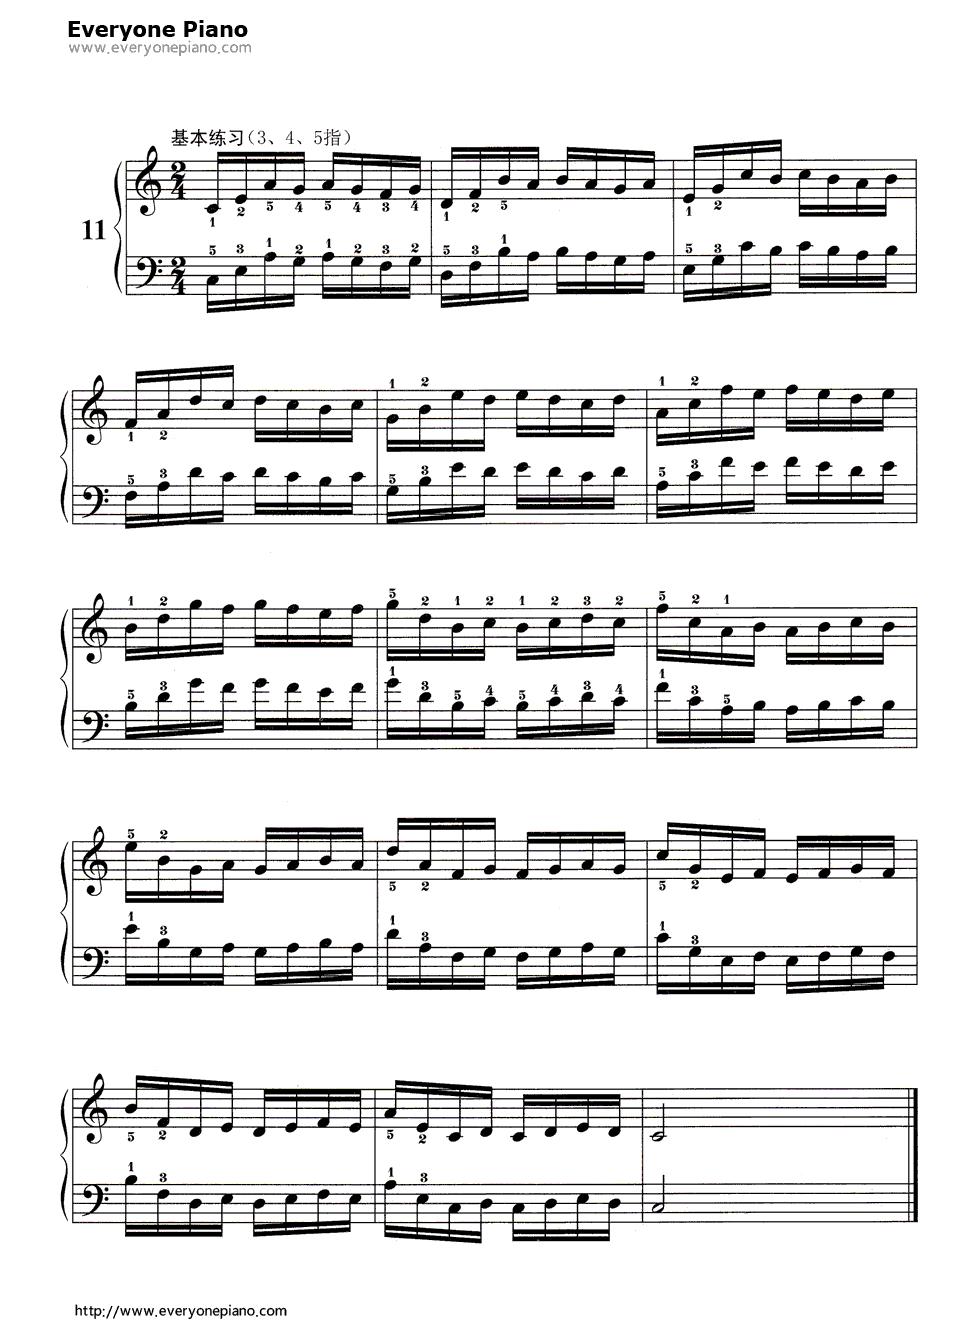 哈农基本练习11五线谱预览1-钢琴谱档(五线谱,双手,数